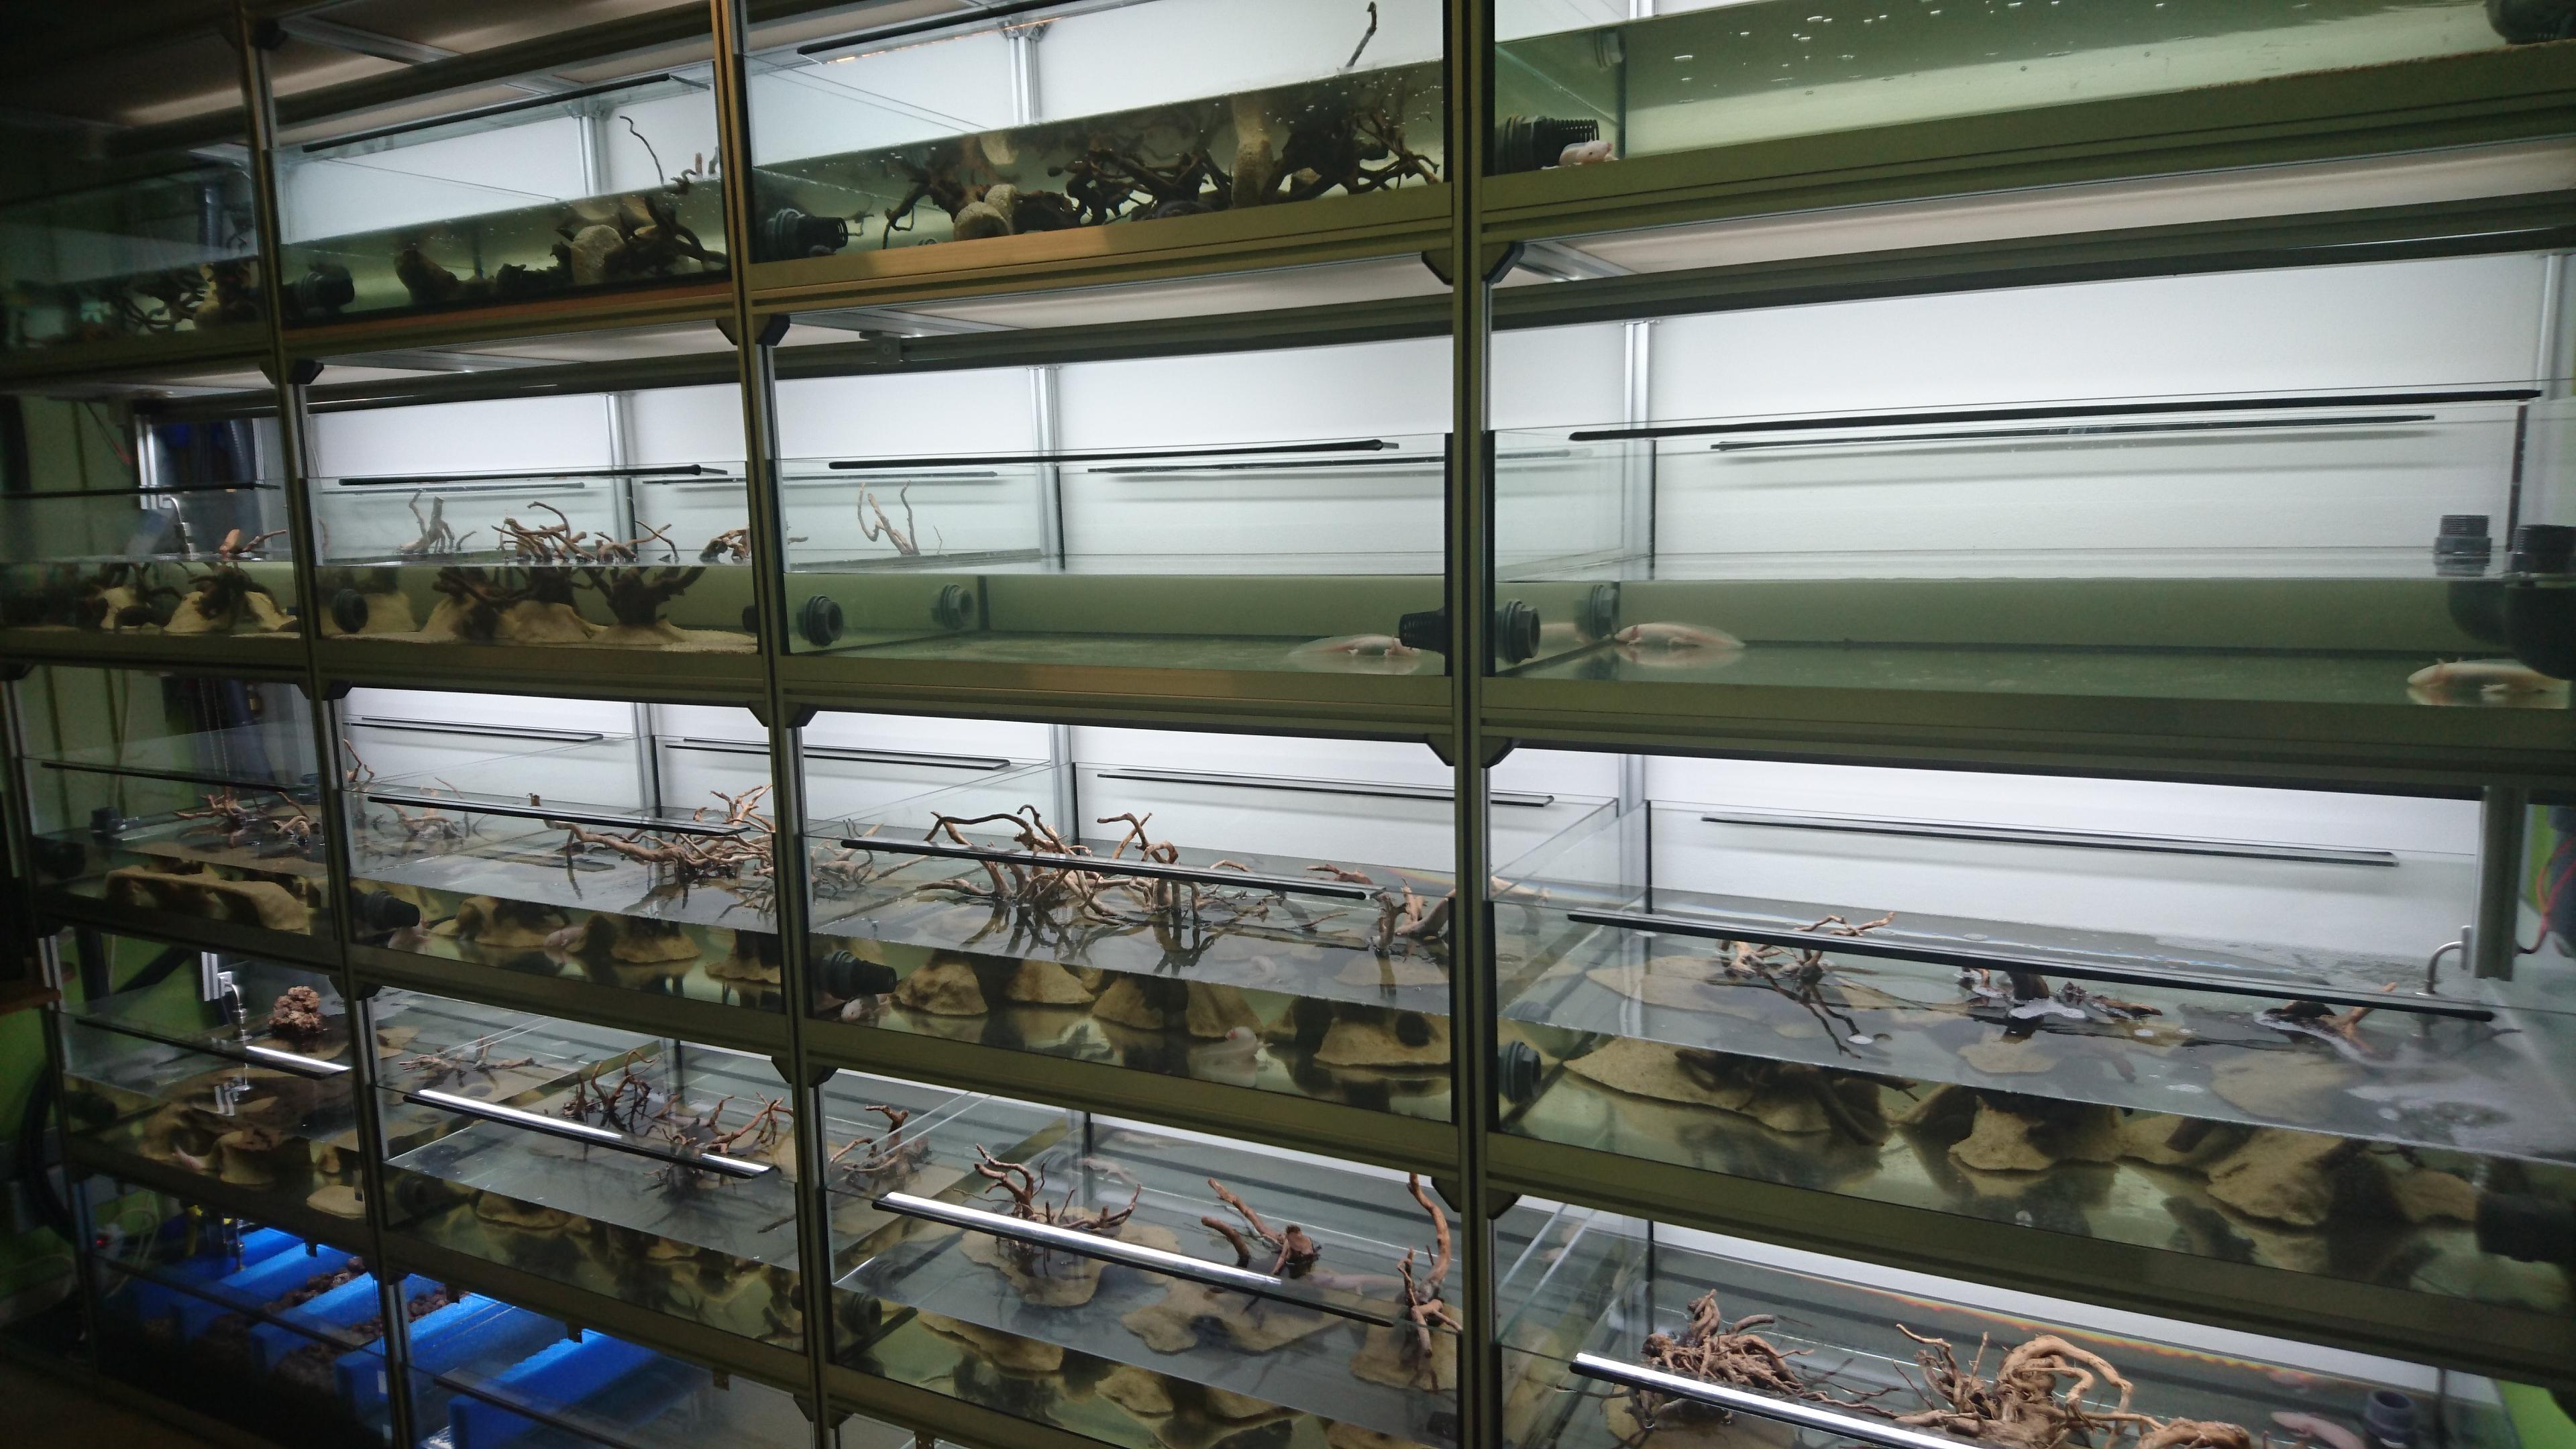 Shop mbk aquaristik garnelen axolotl for Aquaristik shop